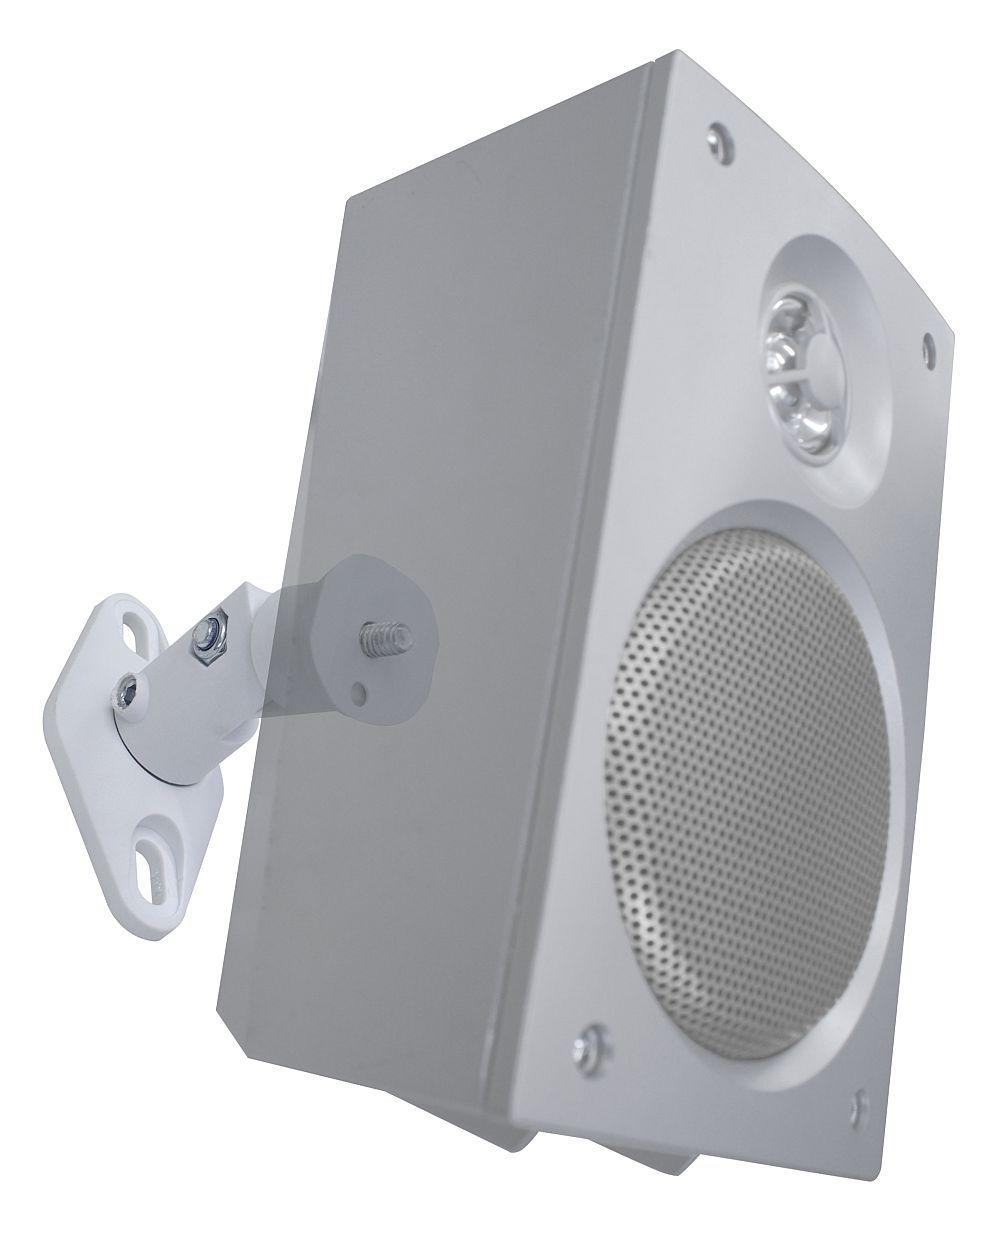 Suporte  para Caixas Acústica de Home Theater Spht41 par